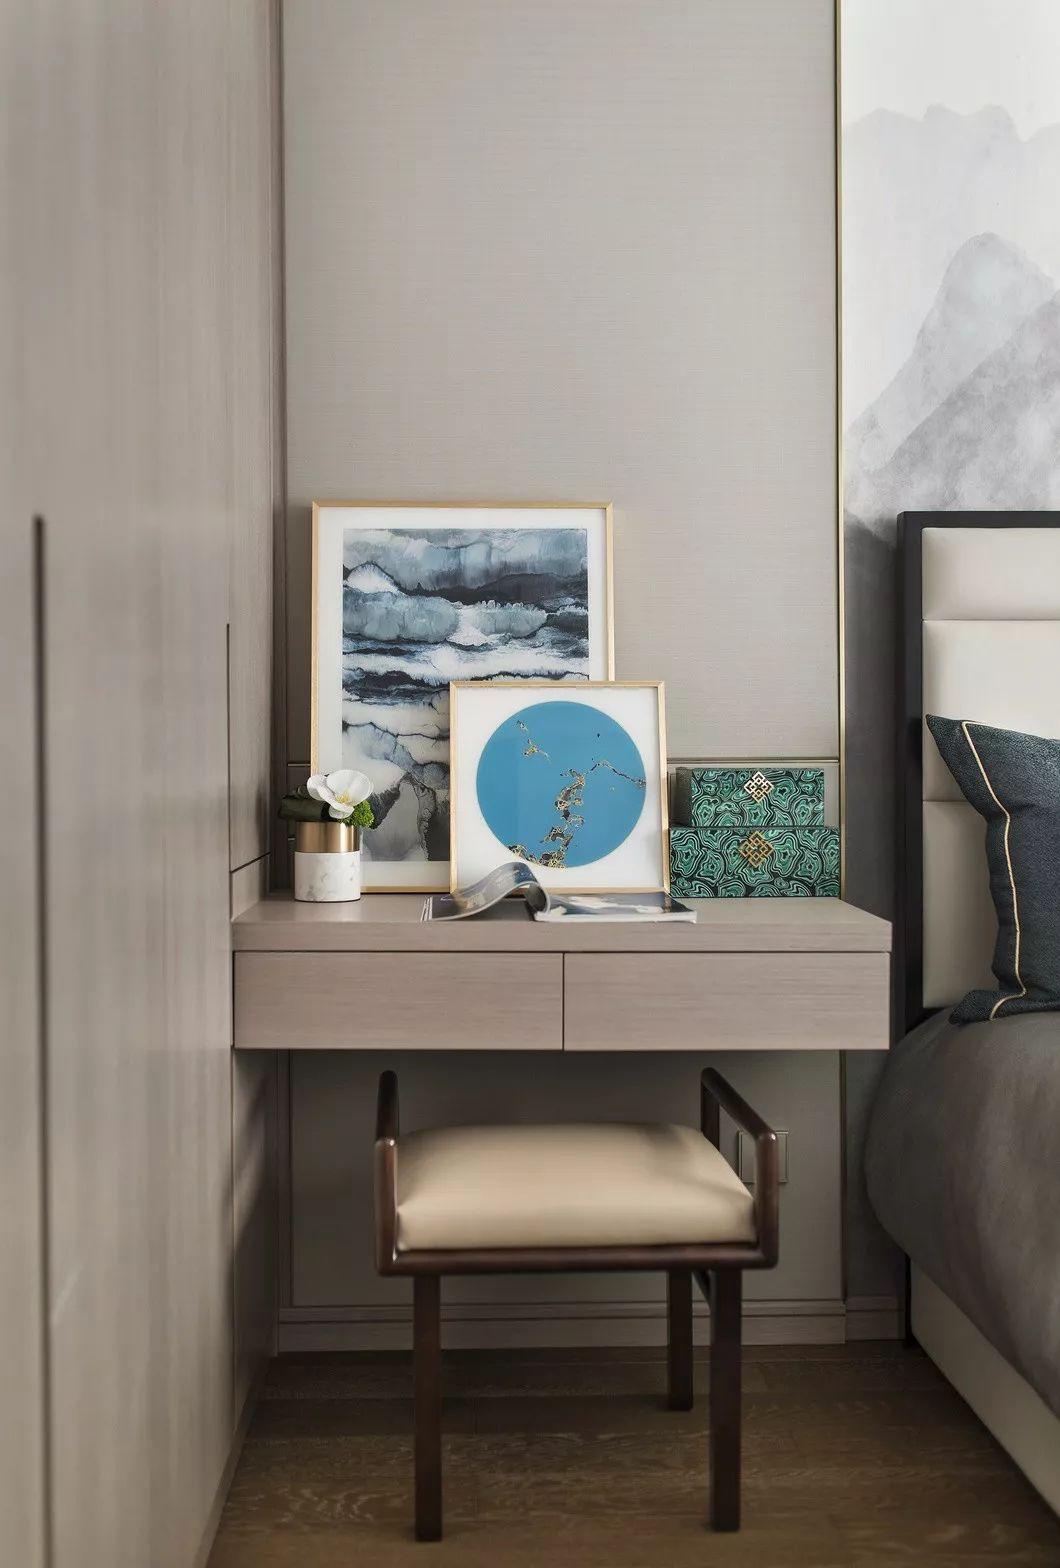 白色与高级灰,明黄与苍绿,是新与旧的穿插组合,为传统附上新意,为现代增添气质。